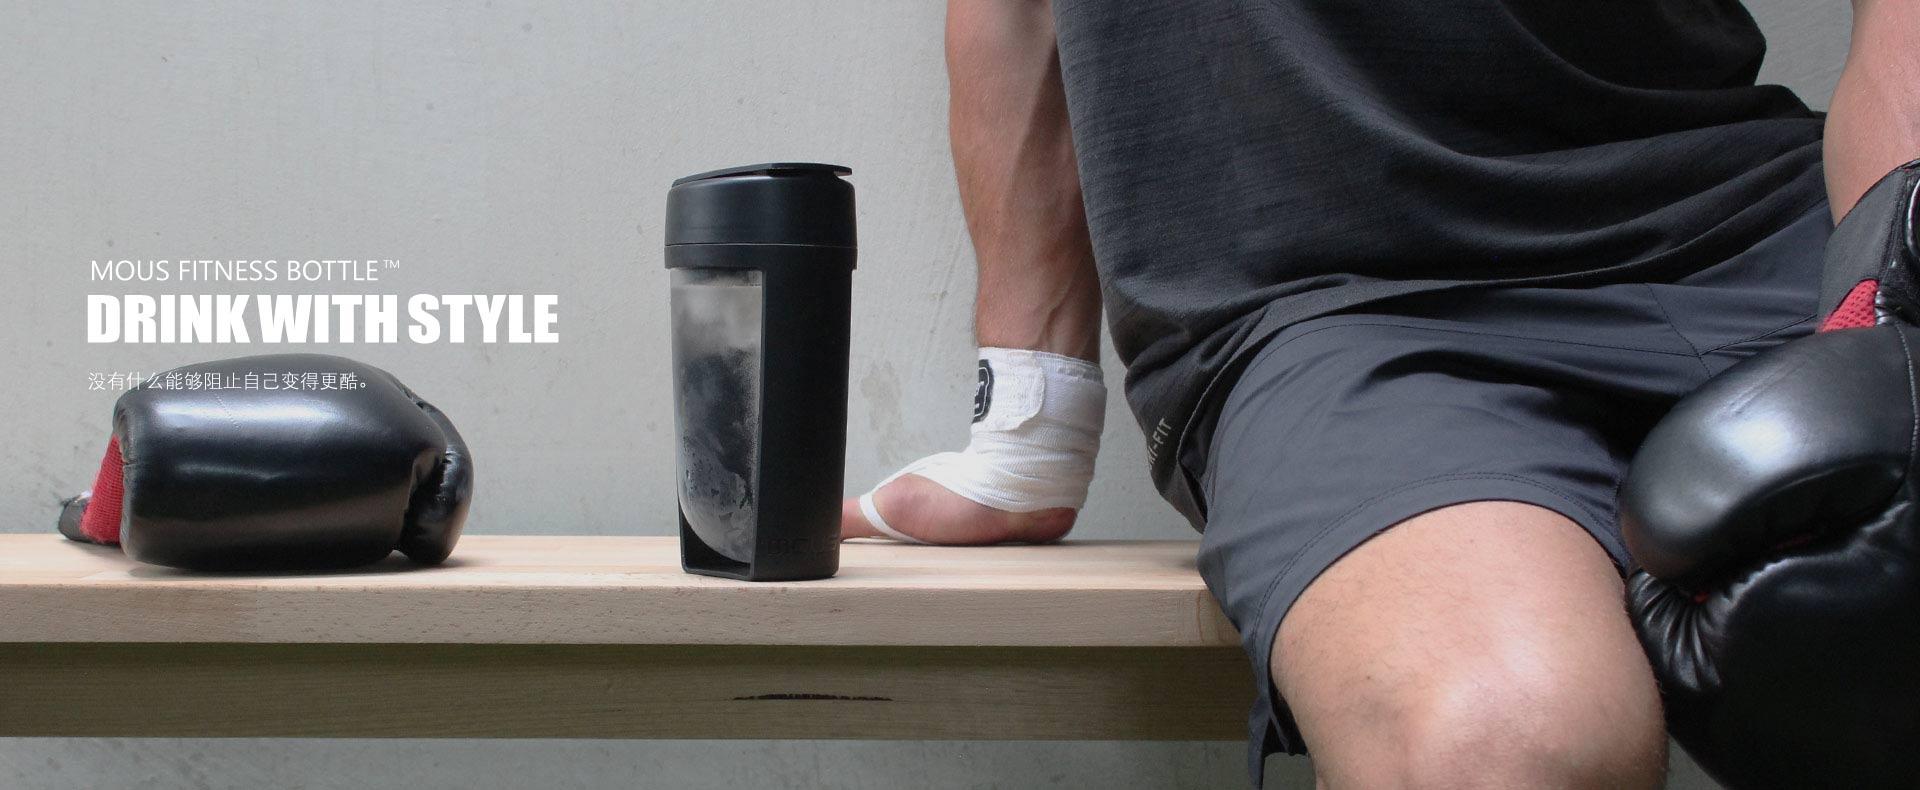 MOUS运动健身杯可以更酷